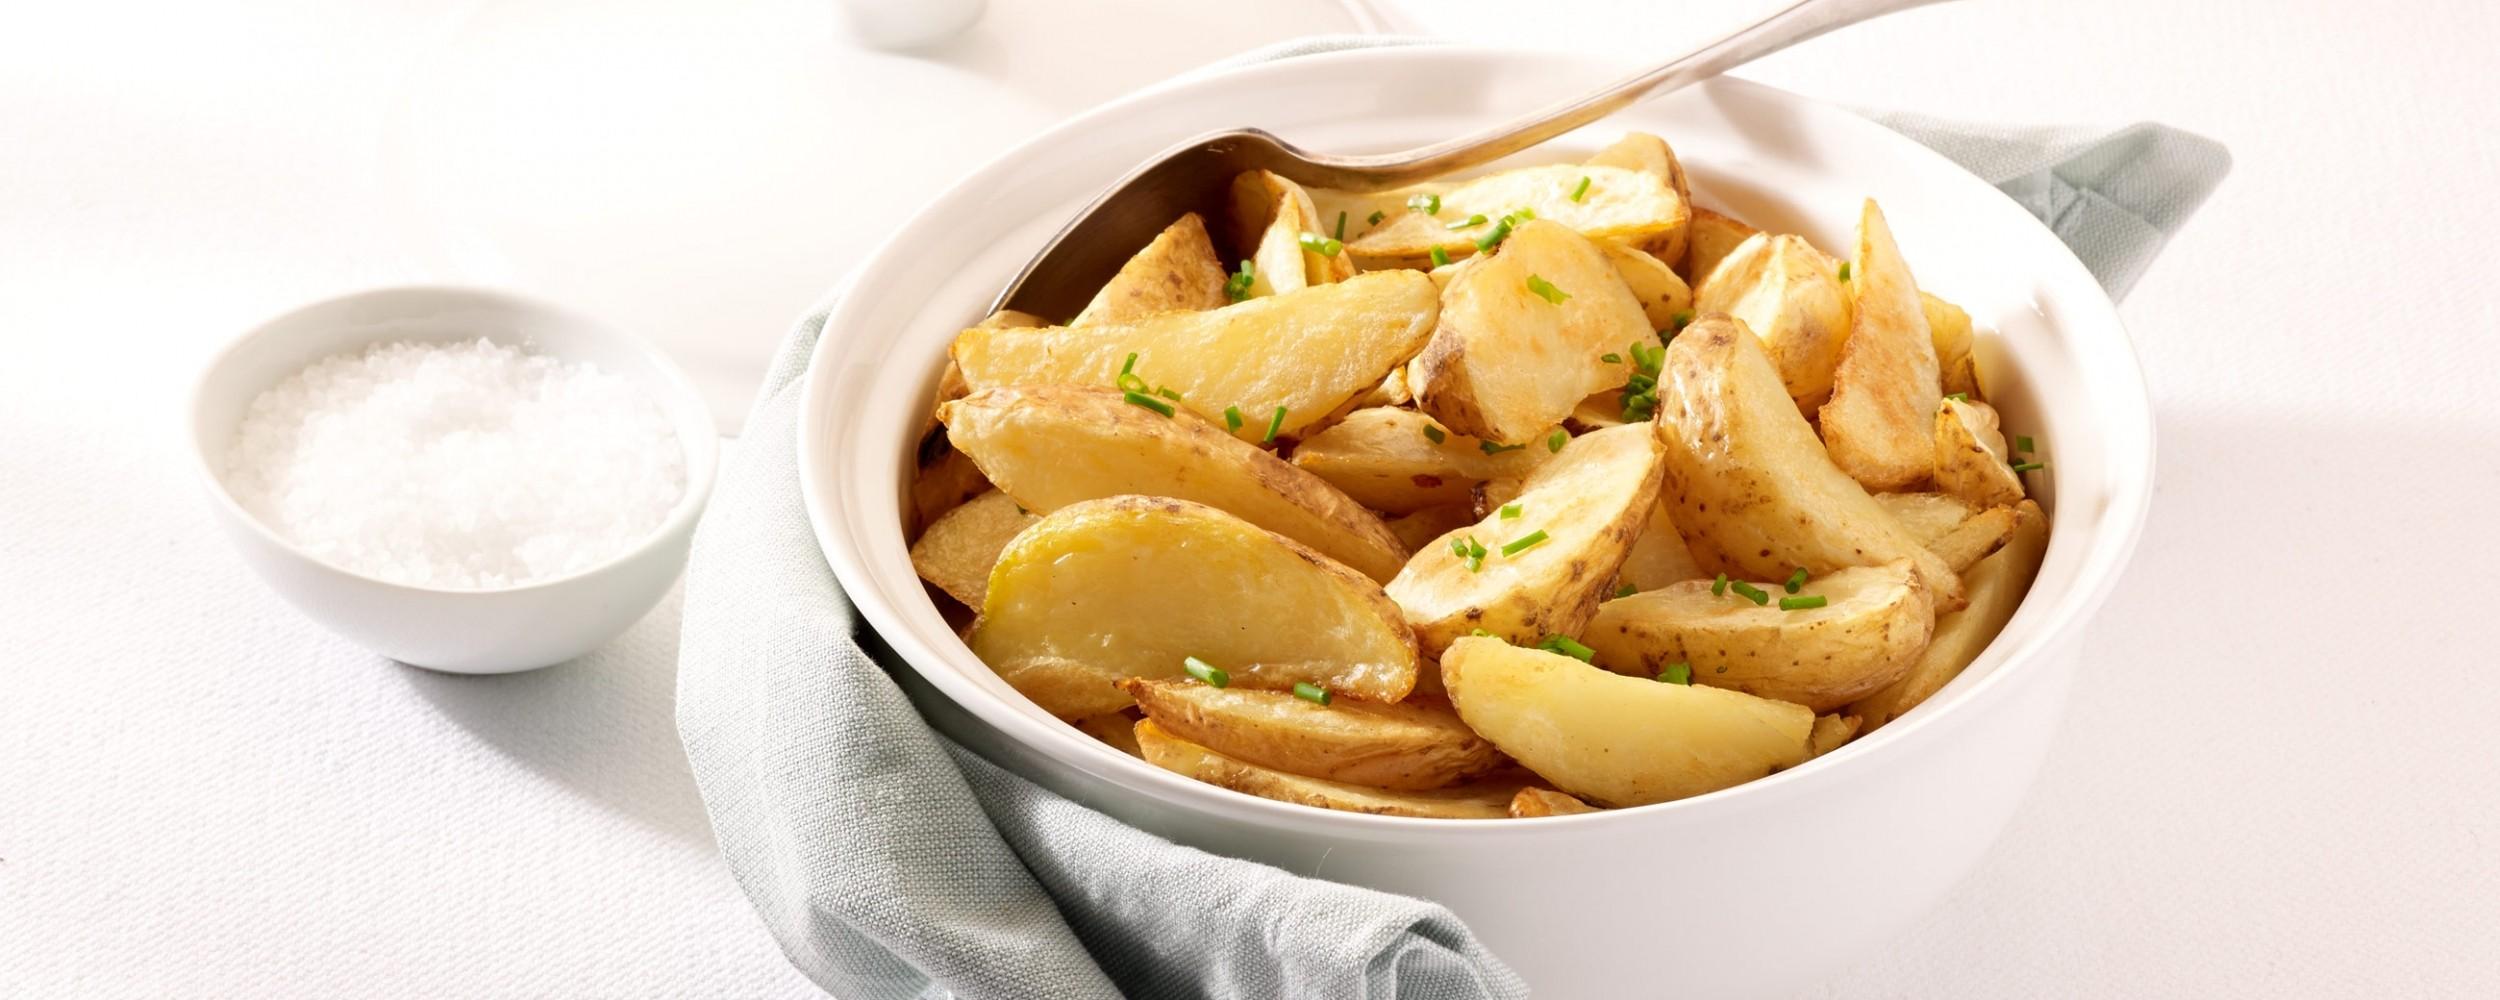 Kartoffelecken mit Schale